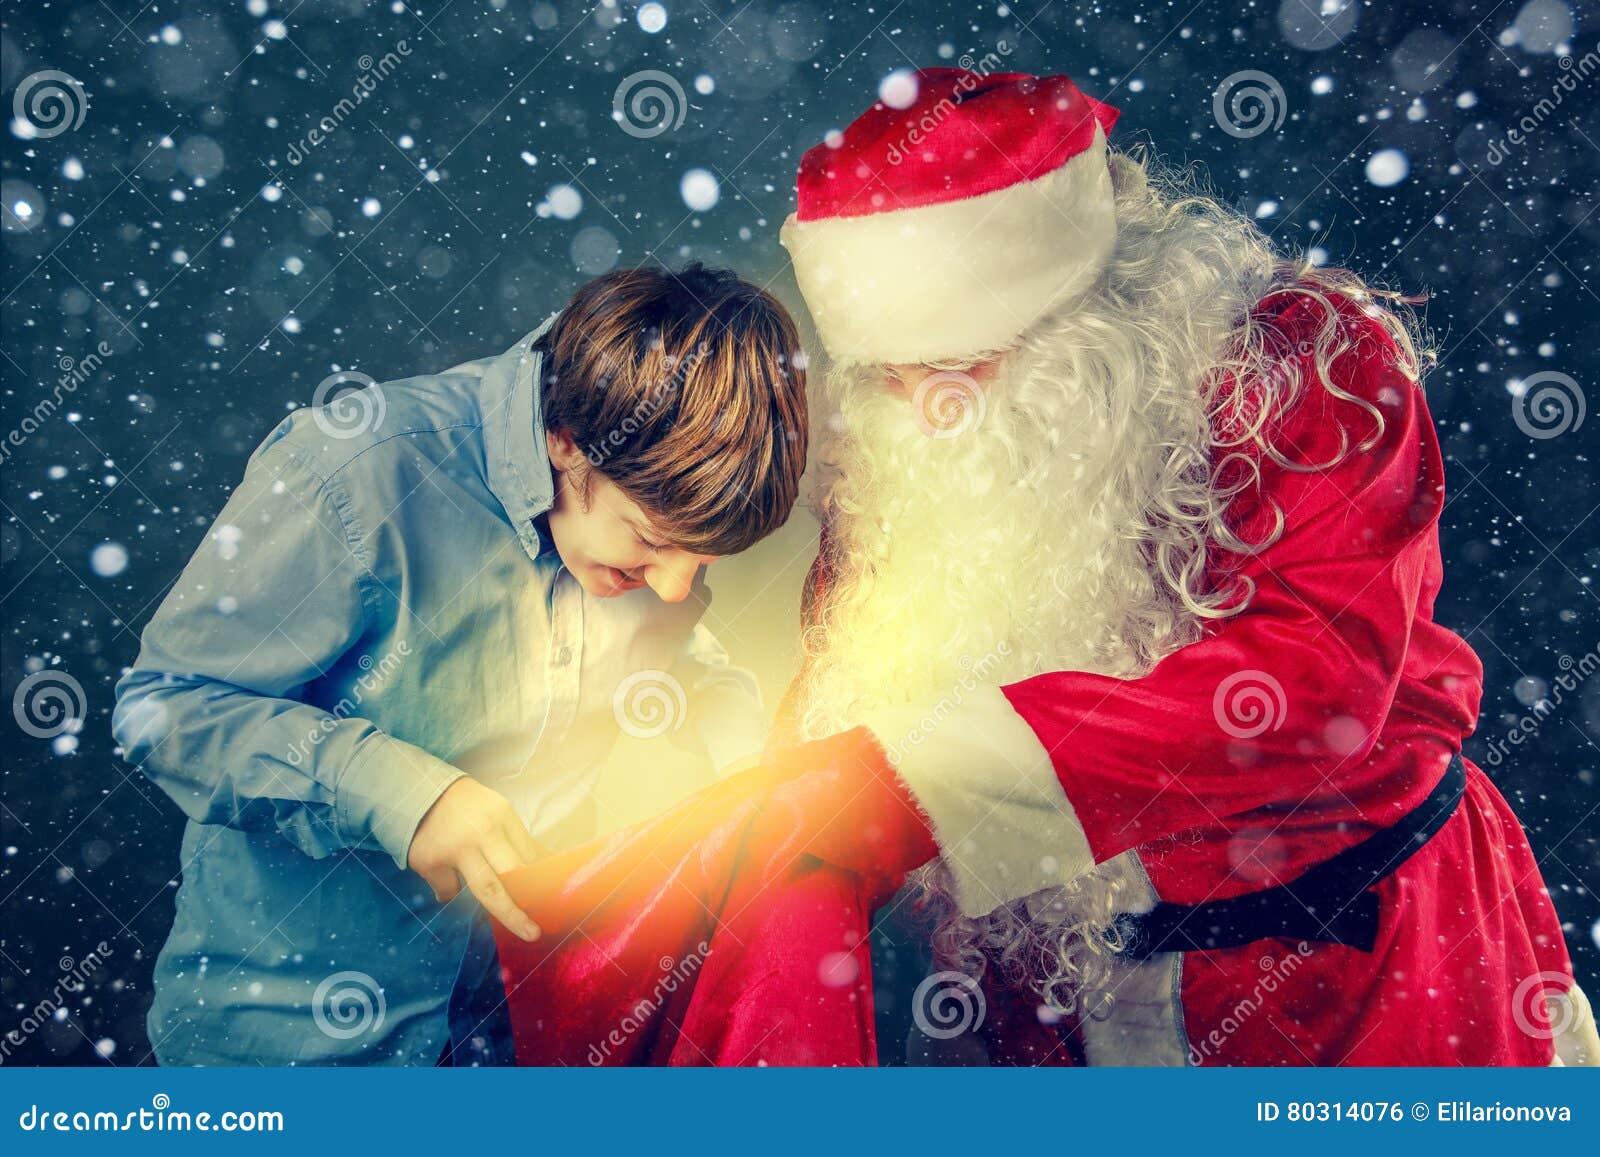 Santa Claus authentique a apporté des cadeaux